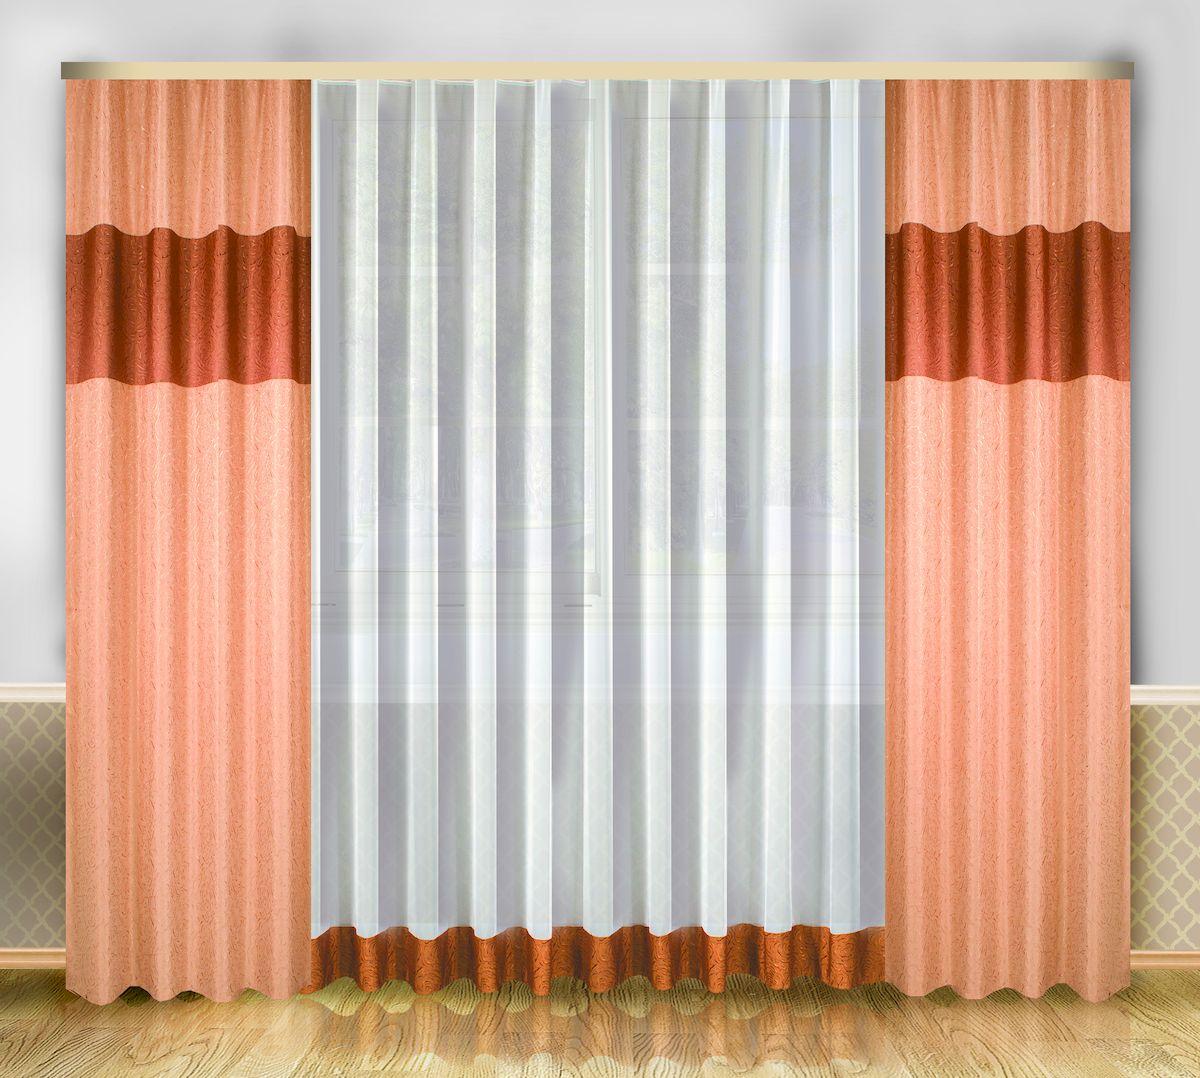 Комплект штор Zlata Korunka, на ленте, цвет: персиковый, высота 250 см. 66619K100Роскошный комплект штор Zlata Korunka, выполненный из полиэстера, великолепно украсит любое окно. Комплект состоит из тюля и двух штор. Изящный узор и приятная цветовая гамма привлекут к себе внимание и органично впишутся в интерьер помещения. Этот комплект будет долгое время радовать вас и вашу семью!Комплект крепится на карниз при помощи ленты, которая поможет красиво и равномерно задрапировать верх.В комплект входит: Тюль: 1 шт. Размер (Ш х В): 290 см х 250 см. Штора: 2 шт. Размер (Ш х В): 138 см х 250 см.